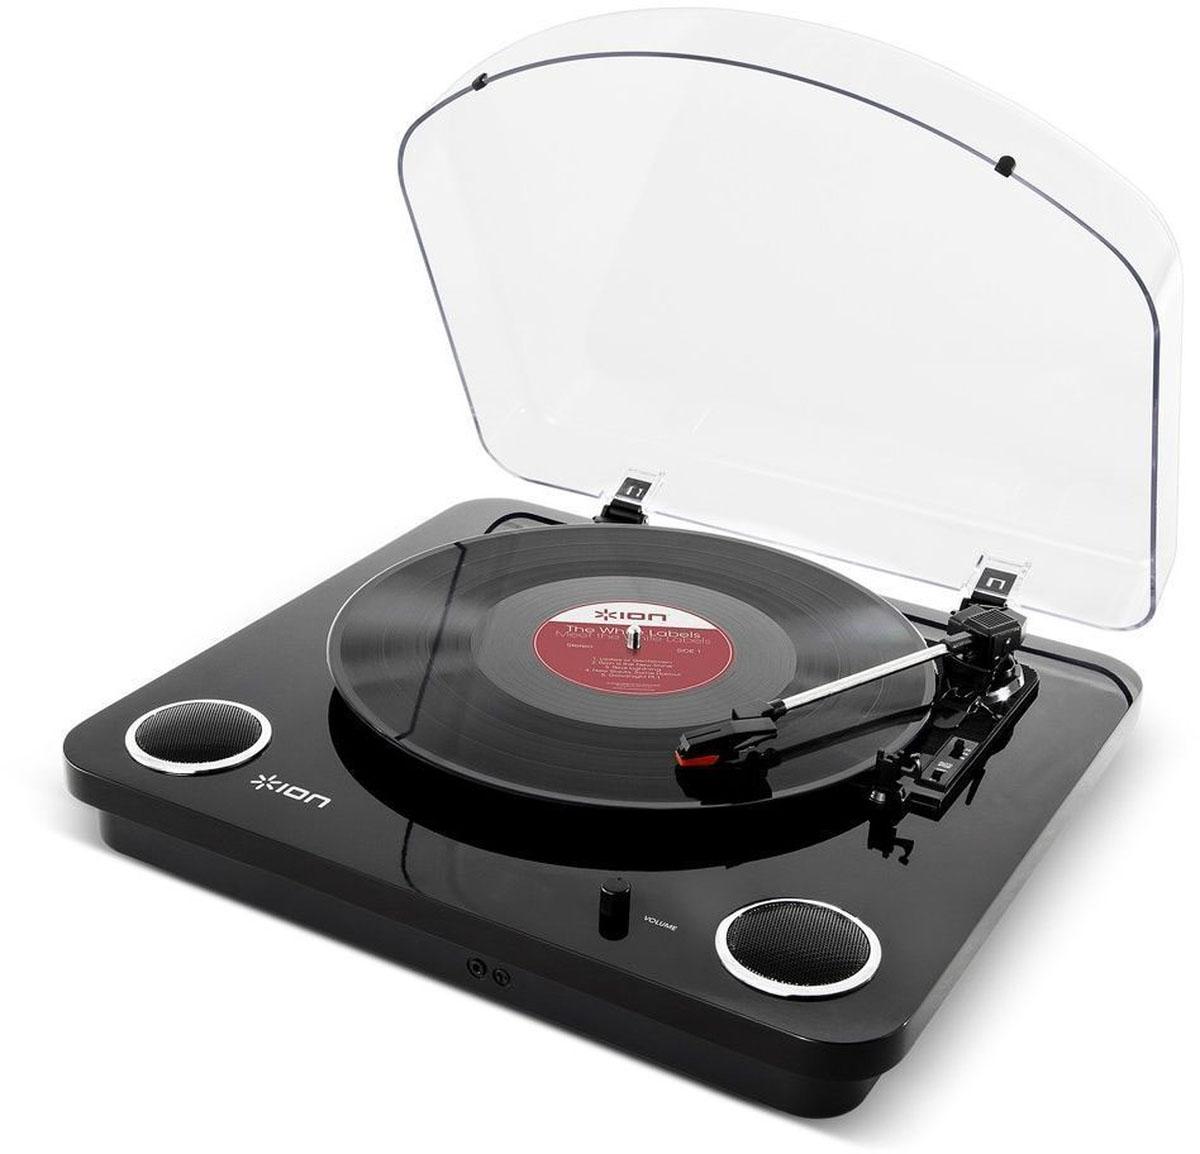 ION Audio Max LP, Black проигрыватель виниловых дисковIONmaxbkВиниловый проигрыватель ION Audio Max LP имеет стильный ретро-дизайн, а также оснащен USB-портом и разъемом для подключения наушников. Подсоединив устройство к ПК или Mac, вы можете оцифровывать ваши любимые композиции в формат MP3. Специальная программа по конвертации EZ Vinyl/Tape Converter идет в комплекте. Программа автоматически формирует отдельные треки. Благодаря аудио выходам RCA музыку с Max LP можно слушать на внешних стерео-колонках. Защитная крышка надежно сохранит проигрыватель и иглу в чистоте.